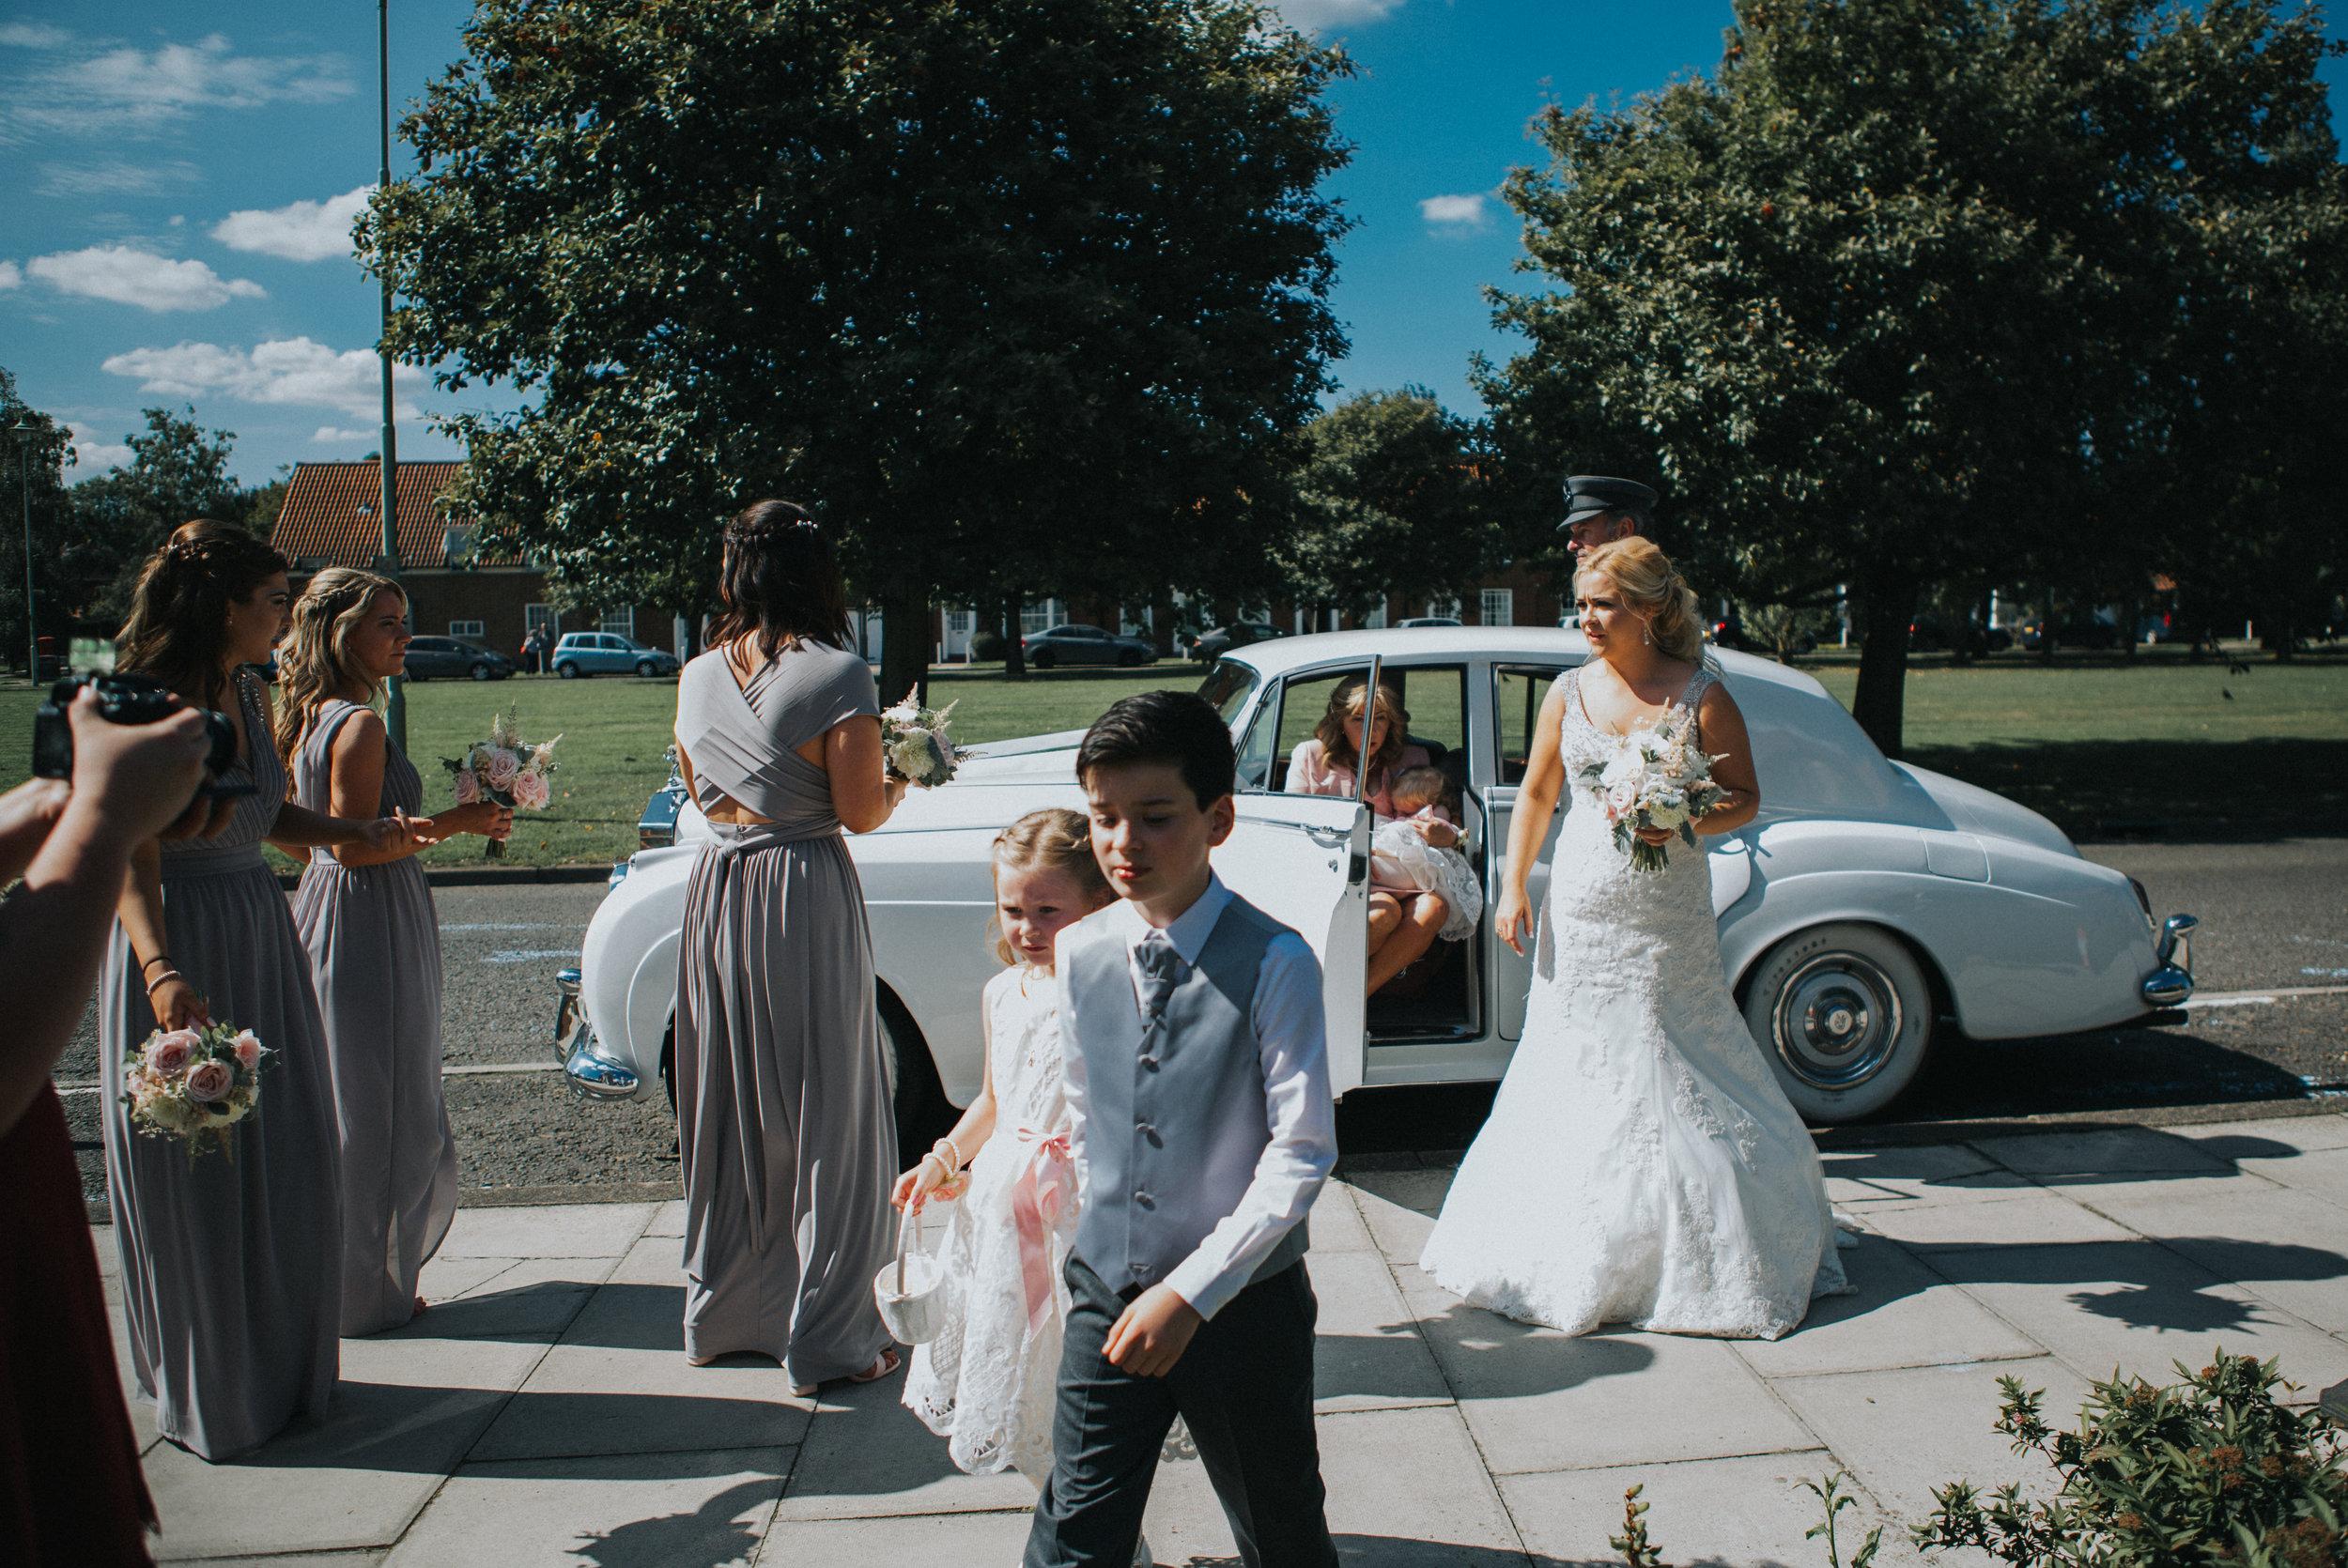 hitchin-hertfordshire-london-wedding-photography-catholic-ceremony-18